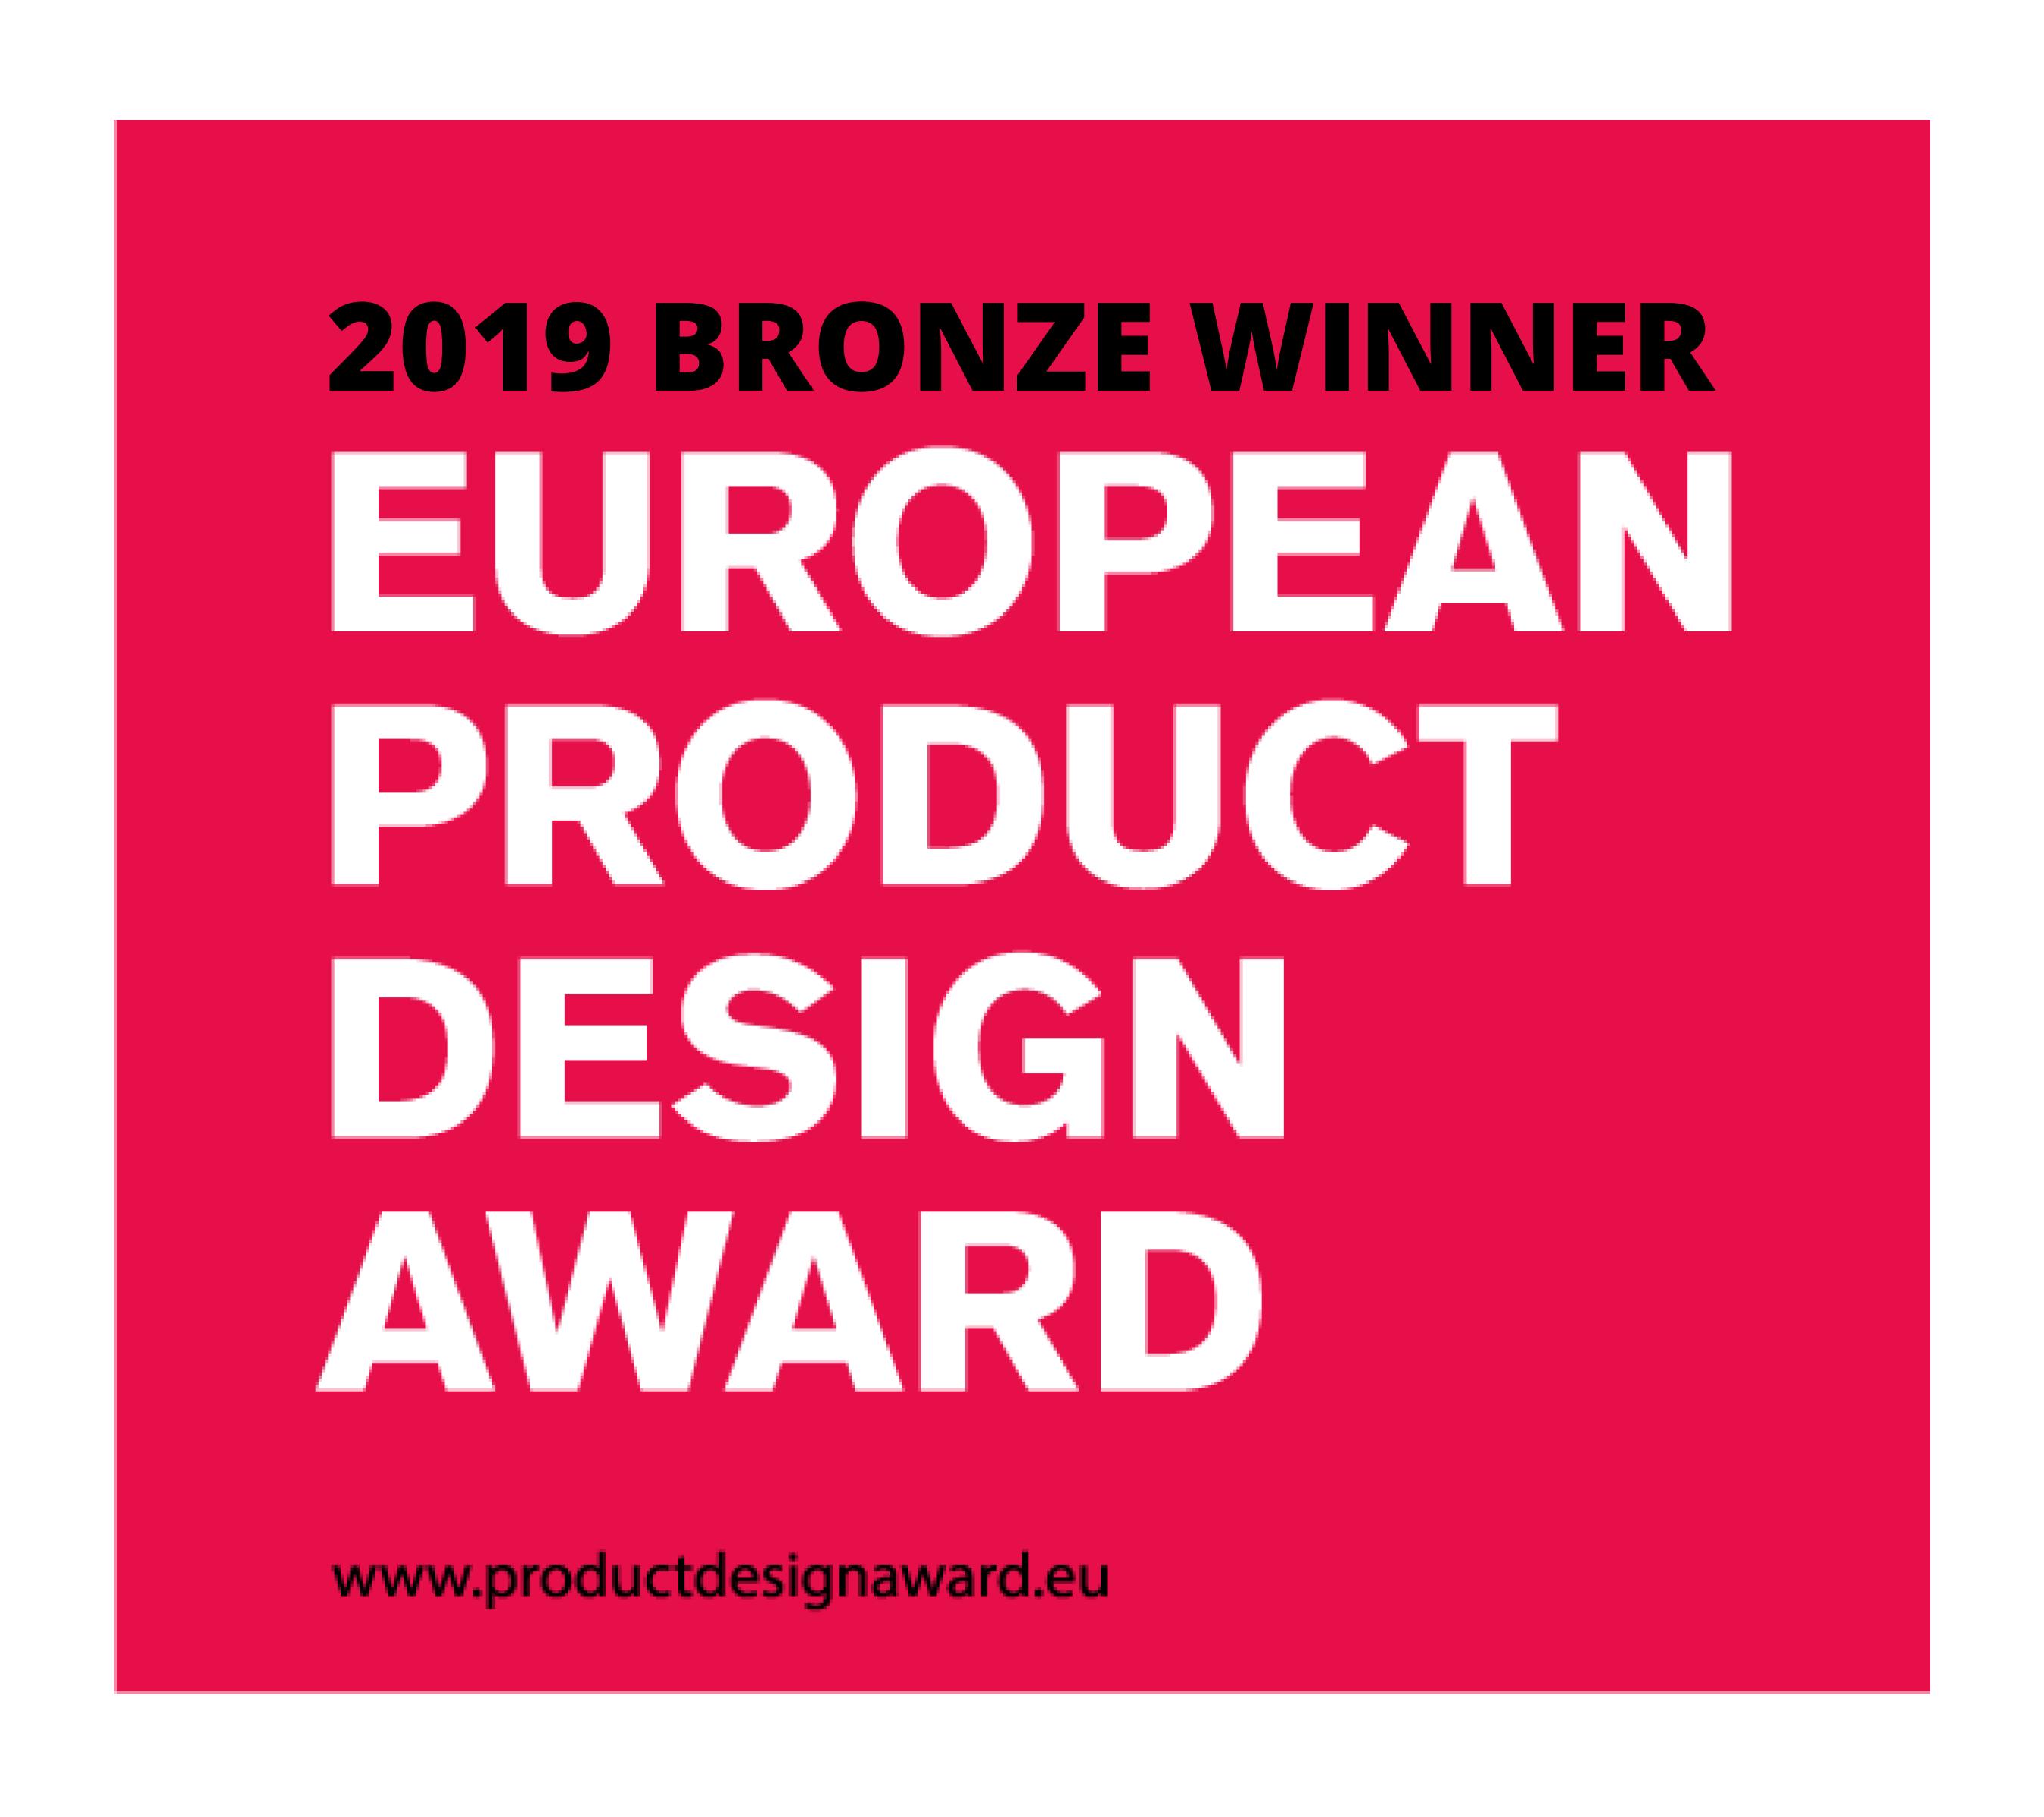 Tojo-mehrfach gewinnt Bronze beim European Product Design Award 2019